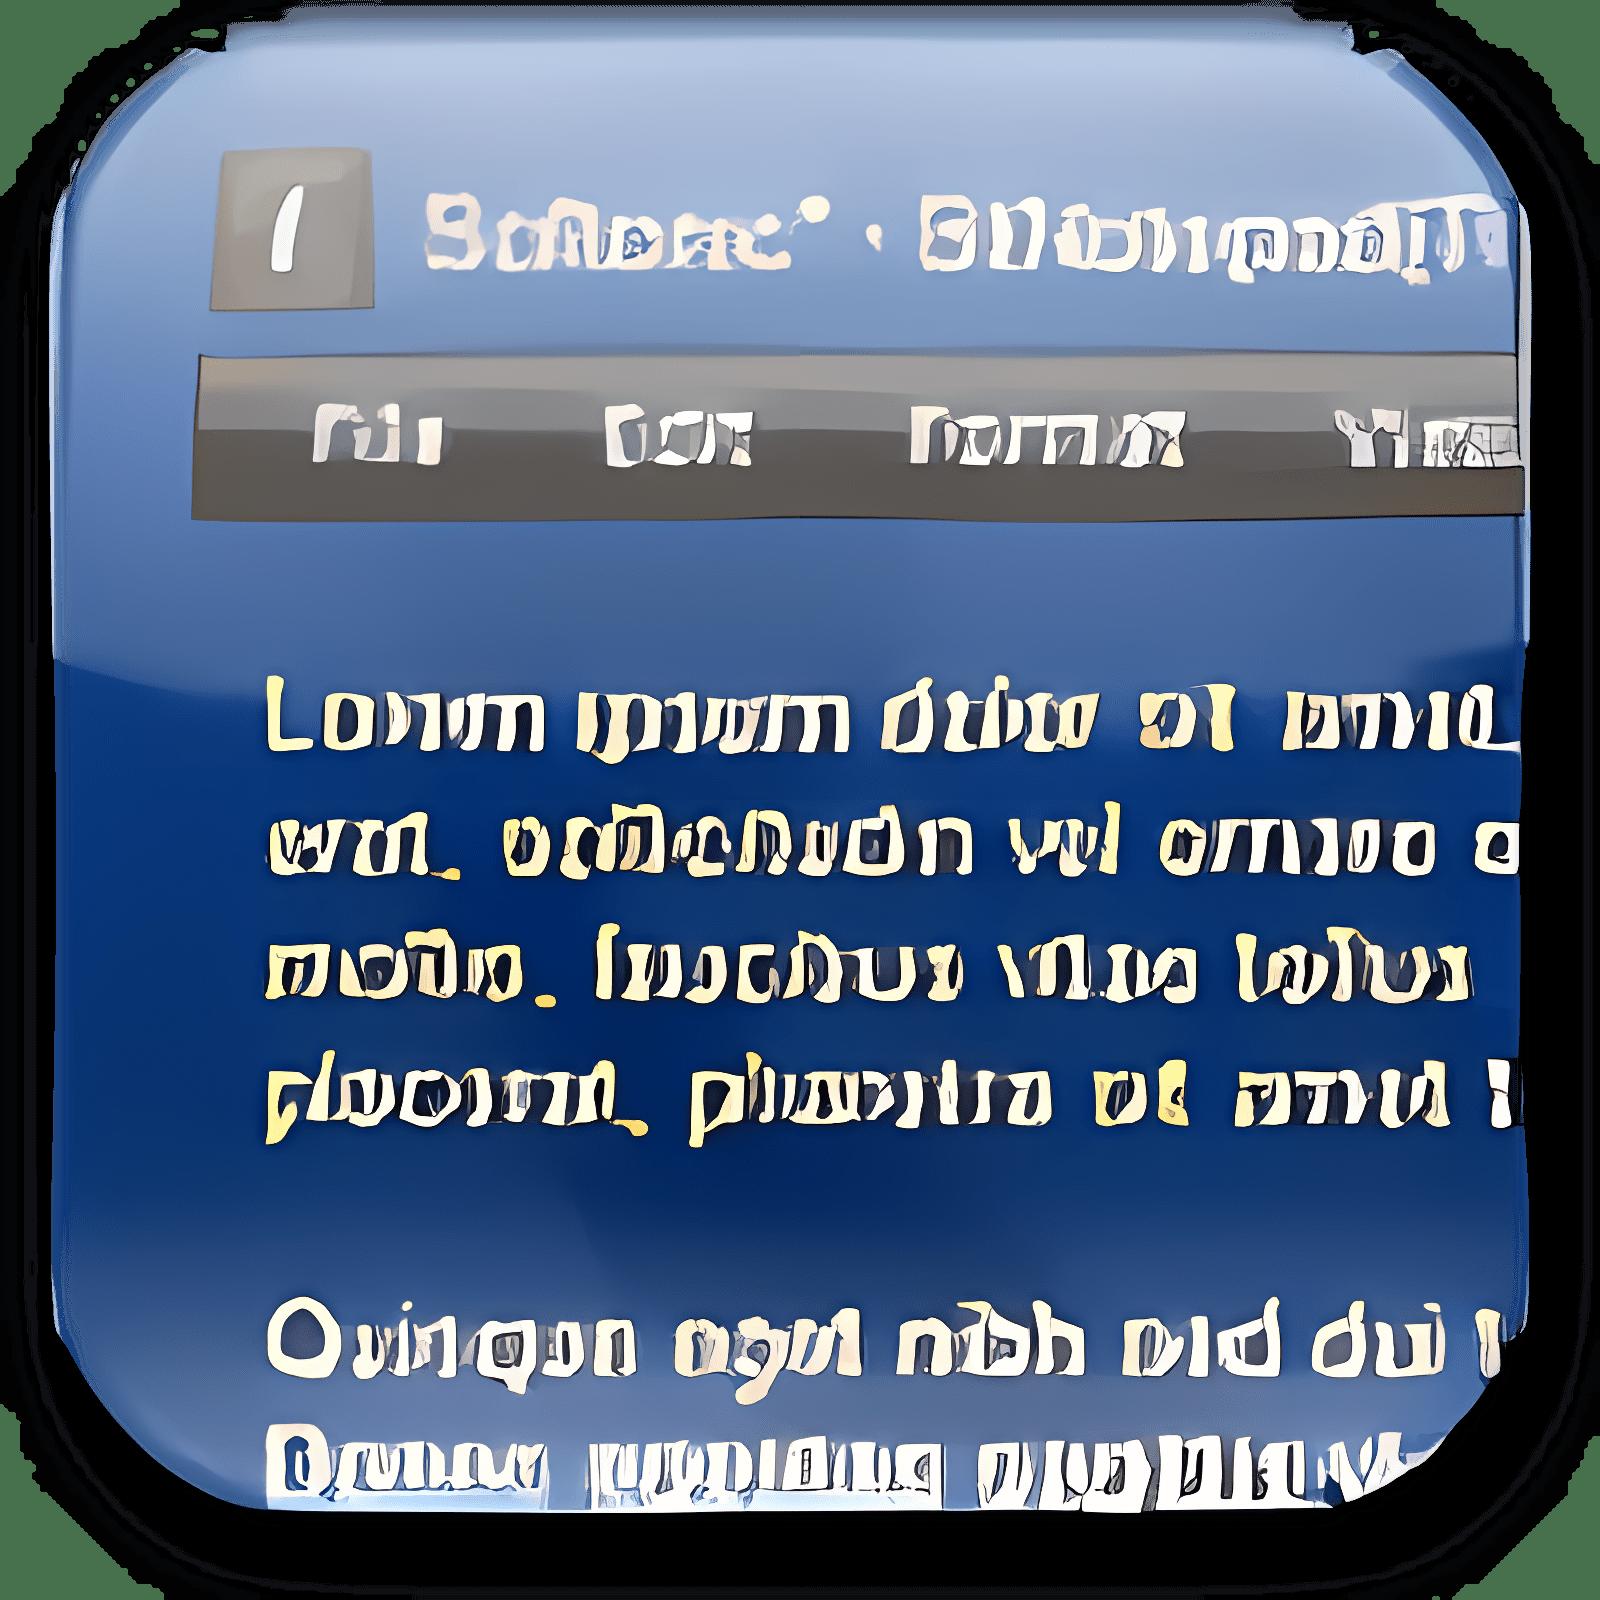 StNotepad 1.1